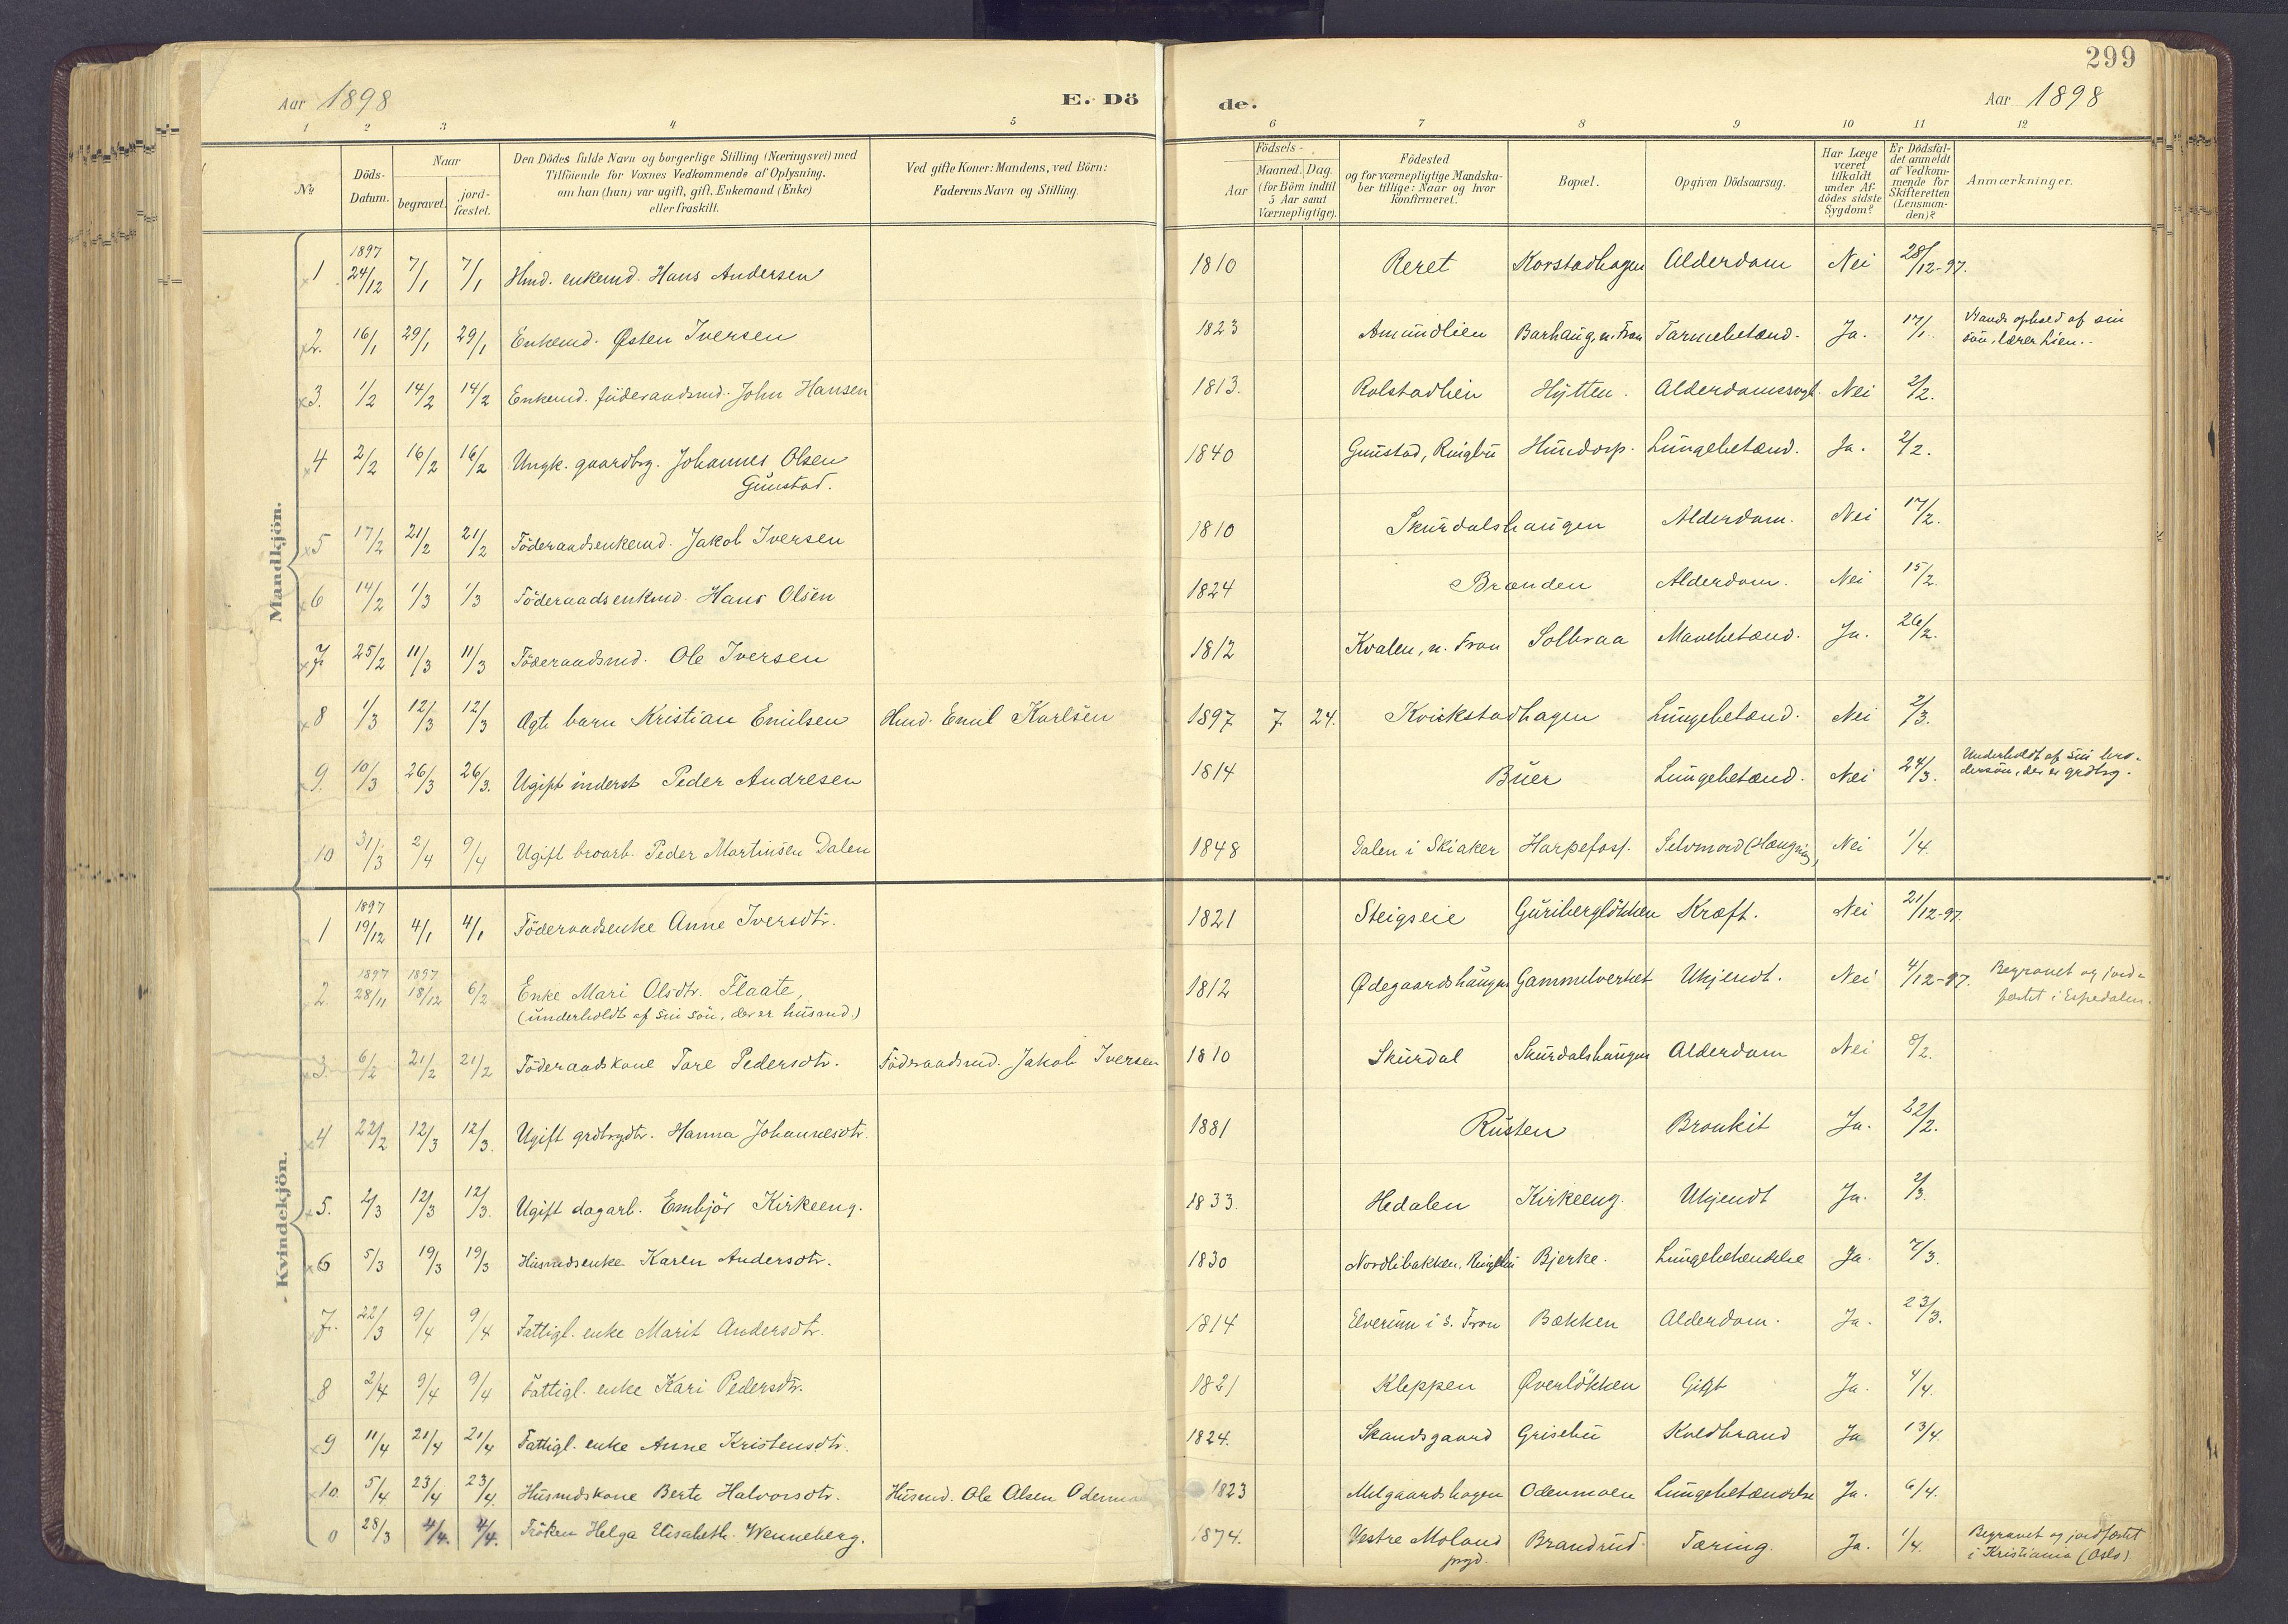 SAH, Sør-Fron prestekontor, H/Ha/Haa/L0004: Ministerialbok nr. 4, 1898-1919, s. 299